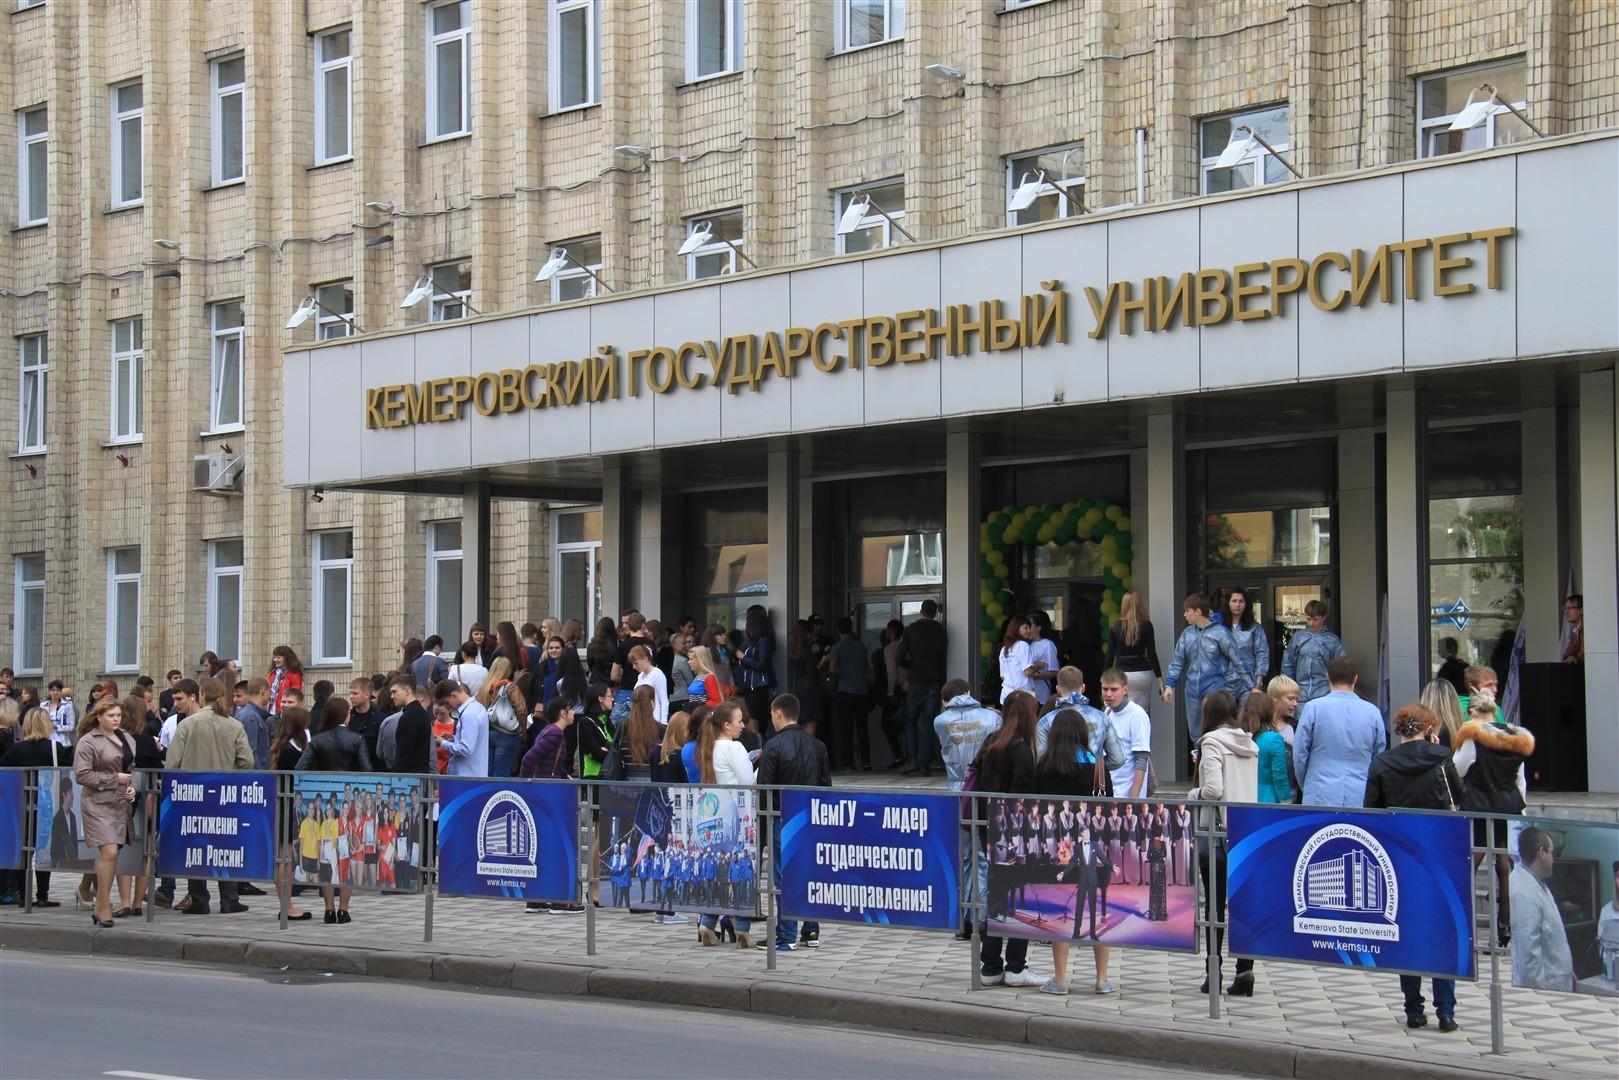 список кемгу в прокопьевске официальный сайт также